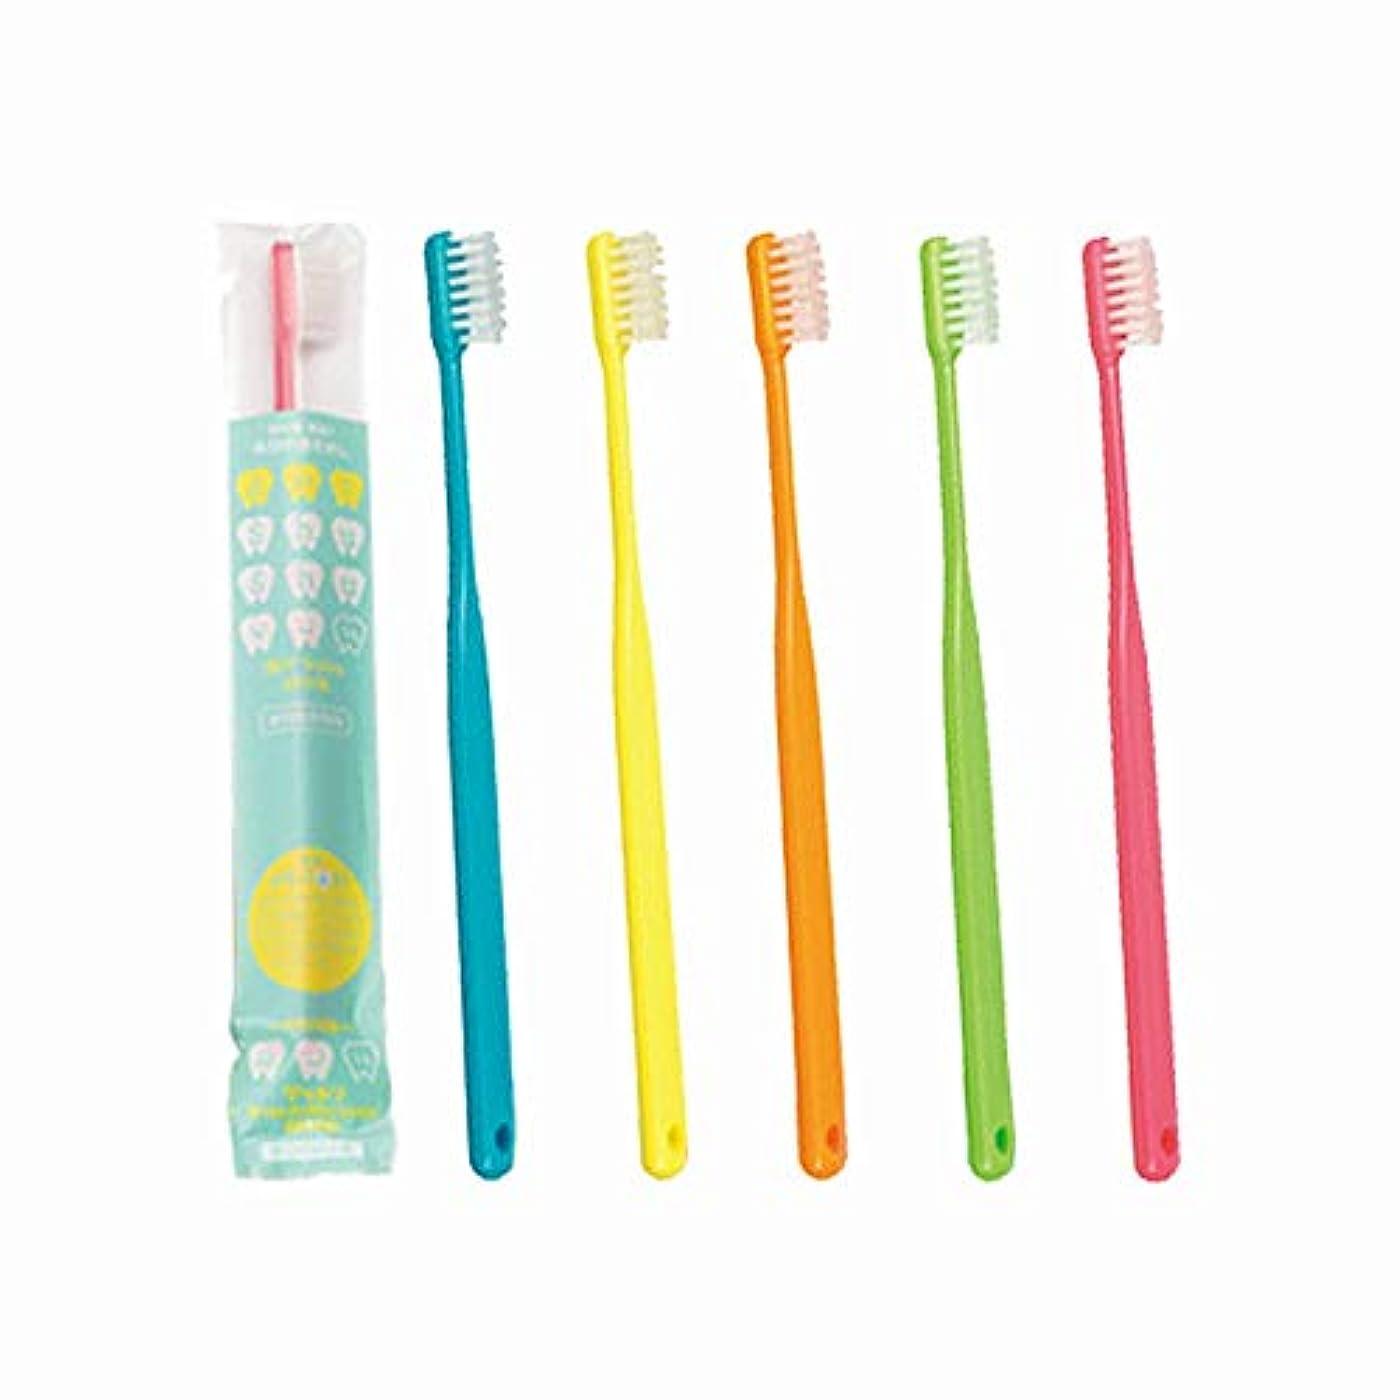 ワイヤー意志に反するはげ大人用歯ブラシ 歯科専売品 FEED(フィード) 占い!Shu Shu(うらないシュシュ)歯ブラシ×10本 (ふつう(M), 色はおまかせ)